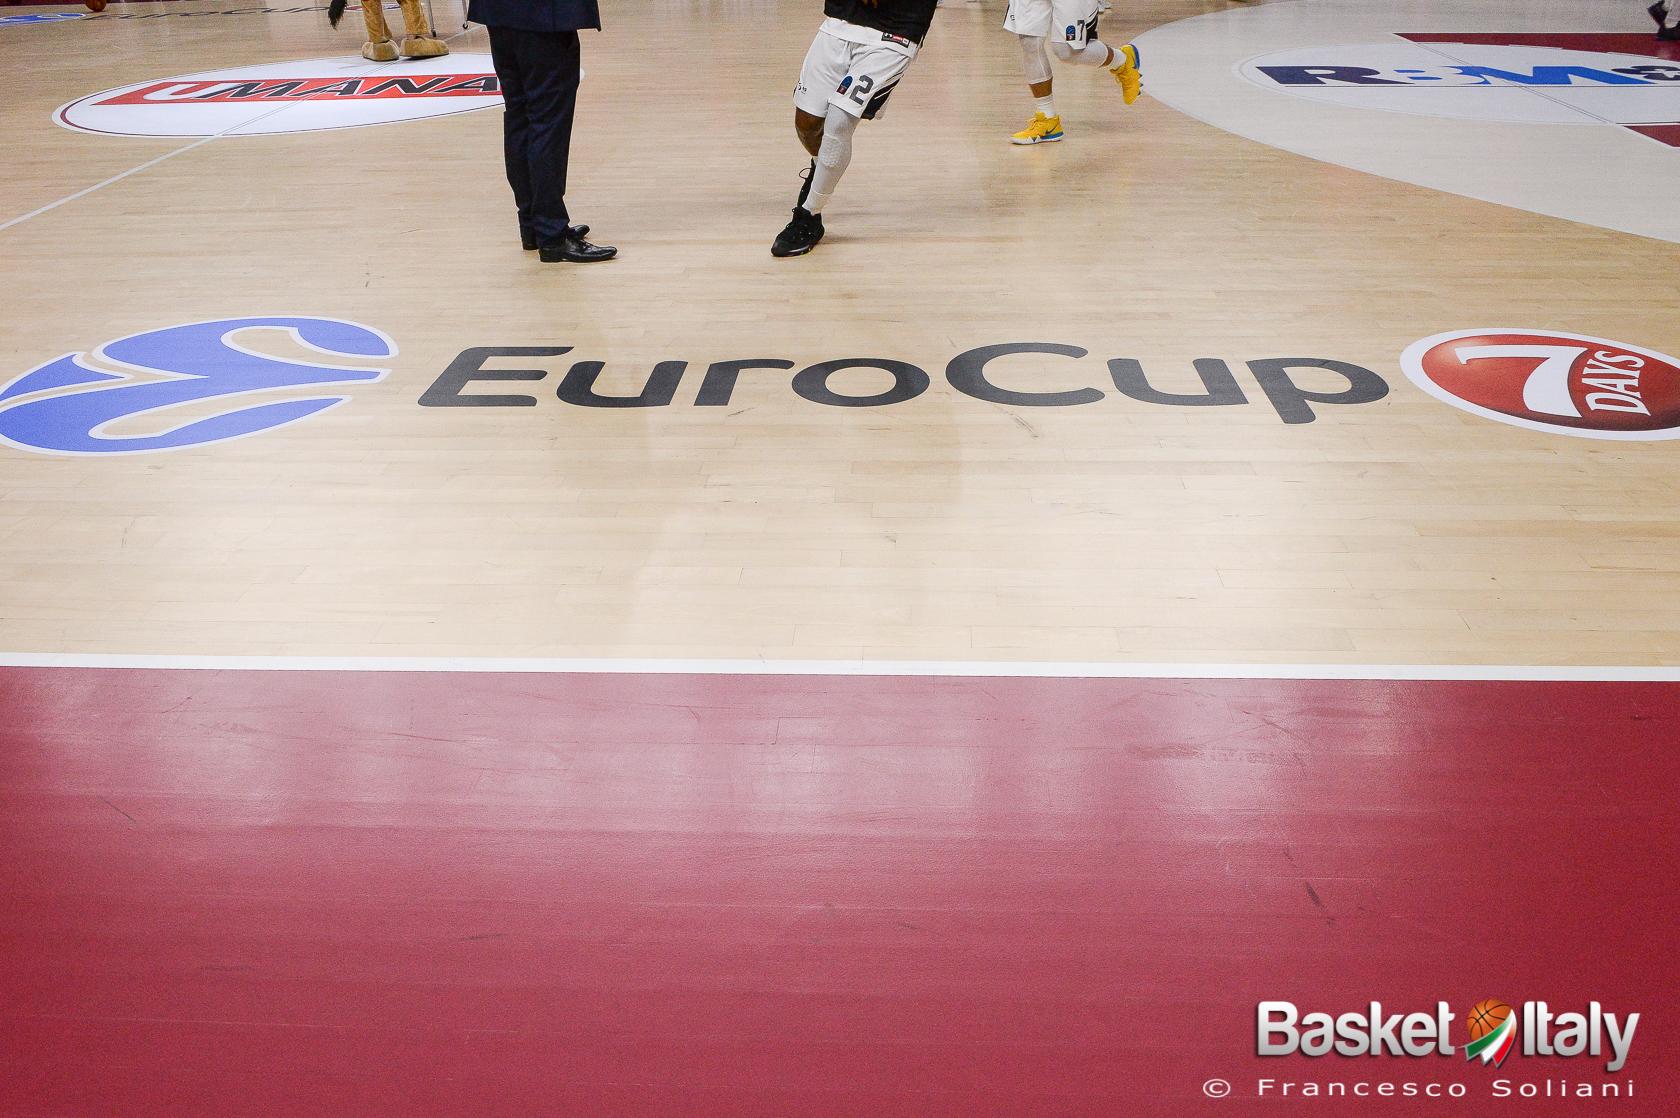 Venerdì il sorteggio della stagione regolare di EuroCup. Trento, Virtus Bologna, Venezia e Brescia in attesa